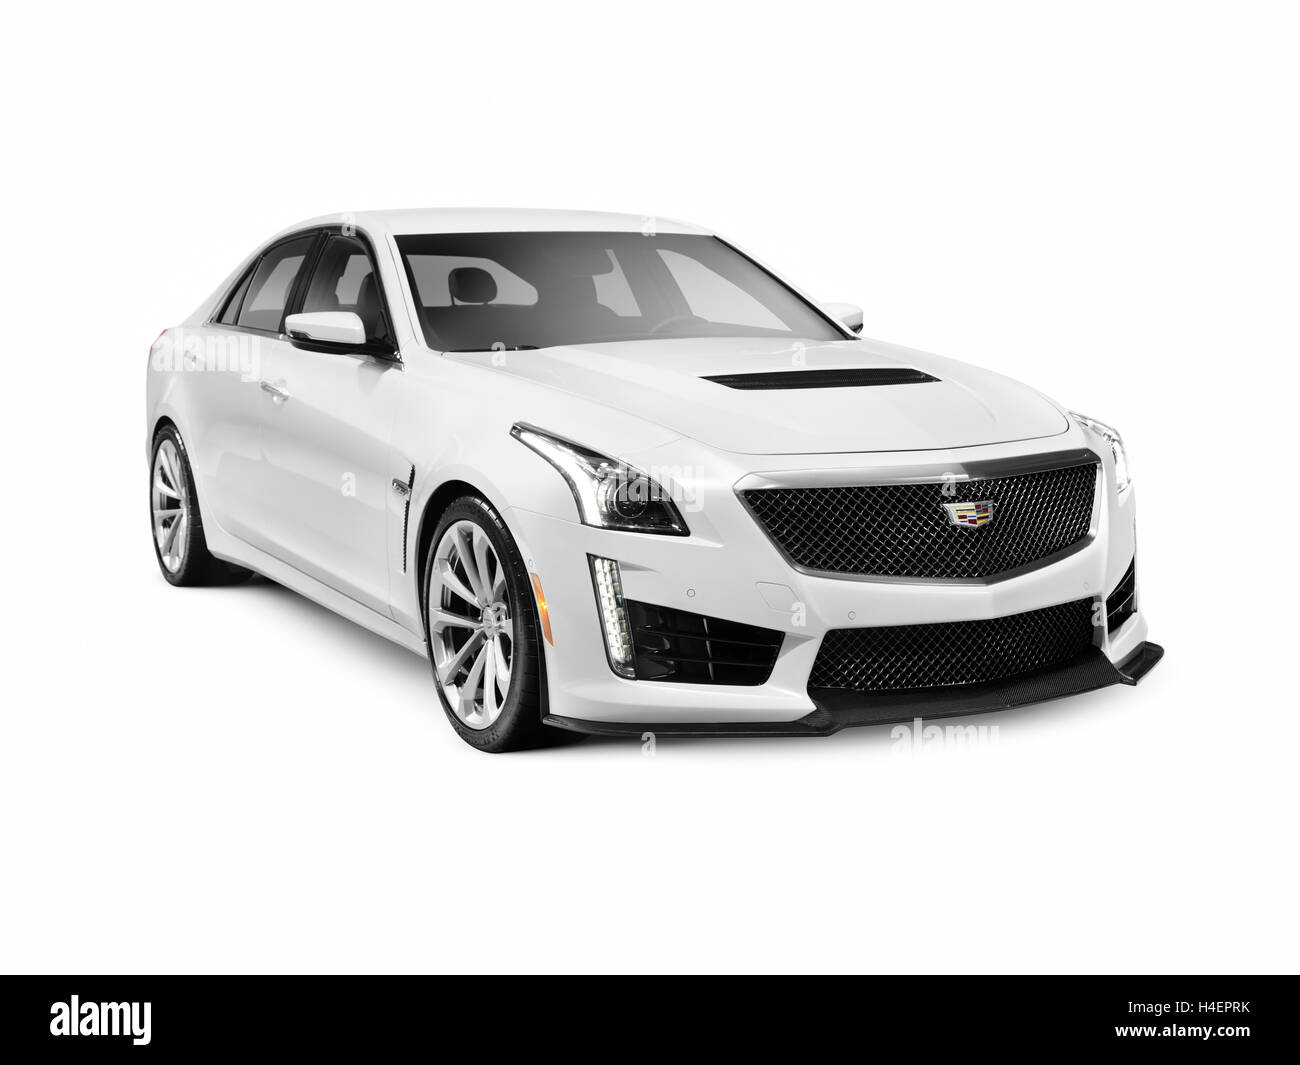 2016 Cadillac Cts V Sedan Luxury Sports Car Isolated On White Stock